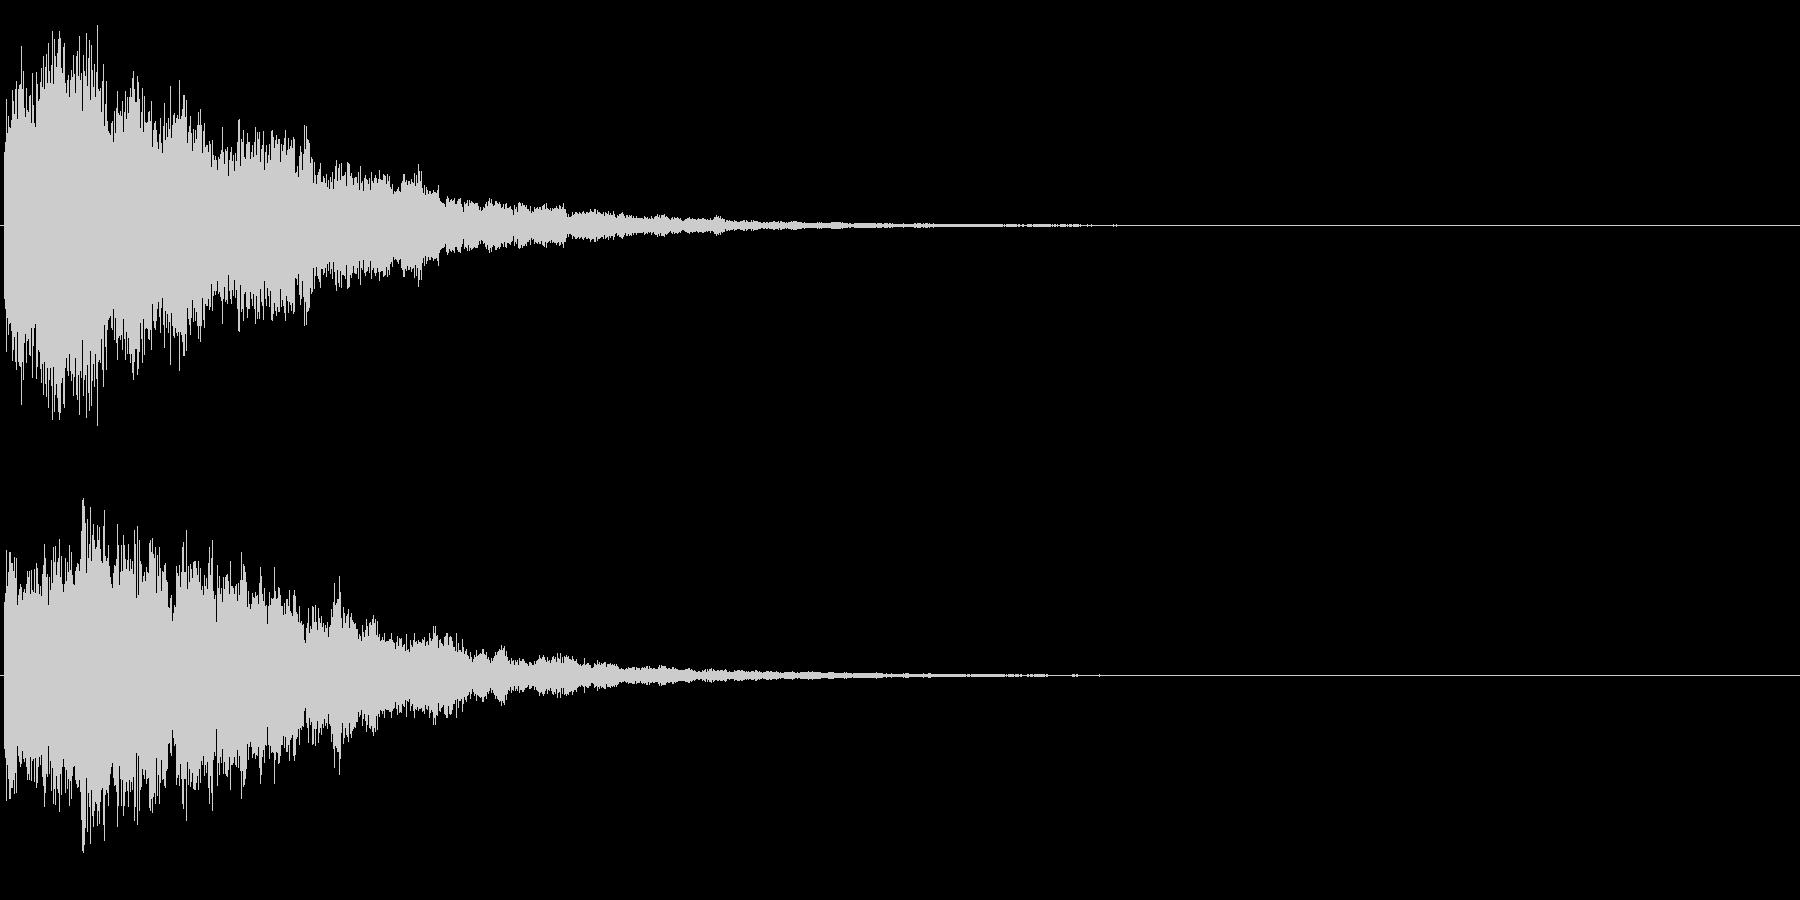 ゲームスタート、決定、ボタン音-167の未再生の波形